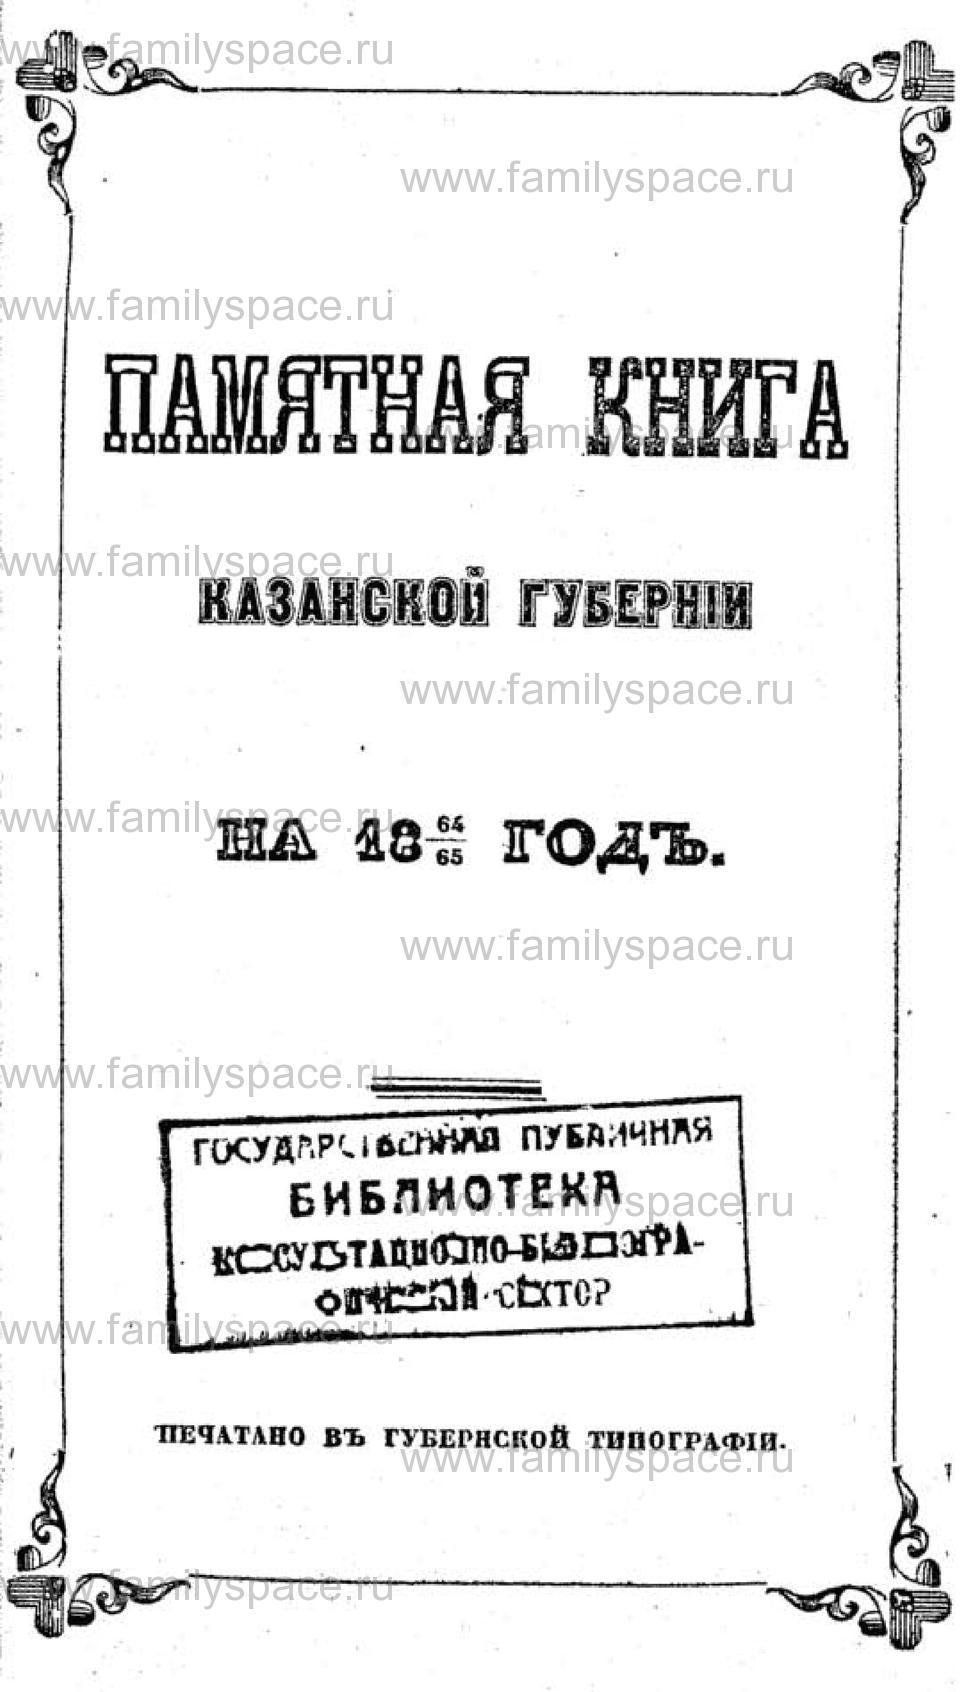 Поиск по фамилии - Памятная книга Казанской губернии на 1864 - 1865 годы, страница 1